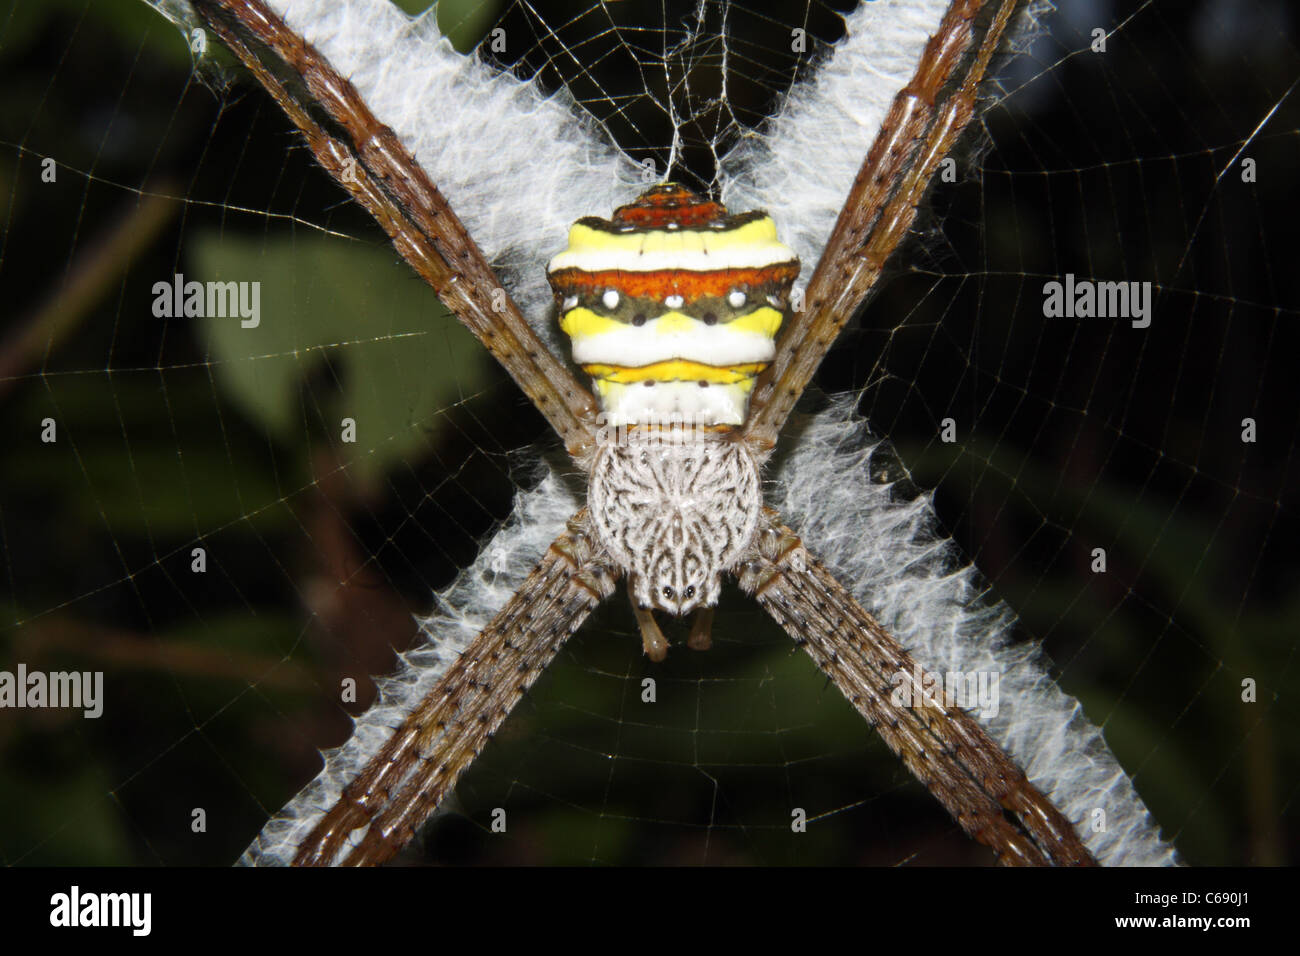 Signatur-Spinne, Wespenspinne sp, ARANEIDAE. Assam. Indien Stockbild